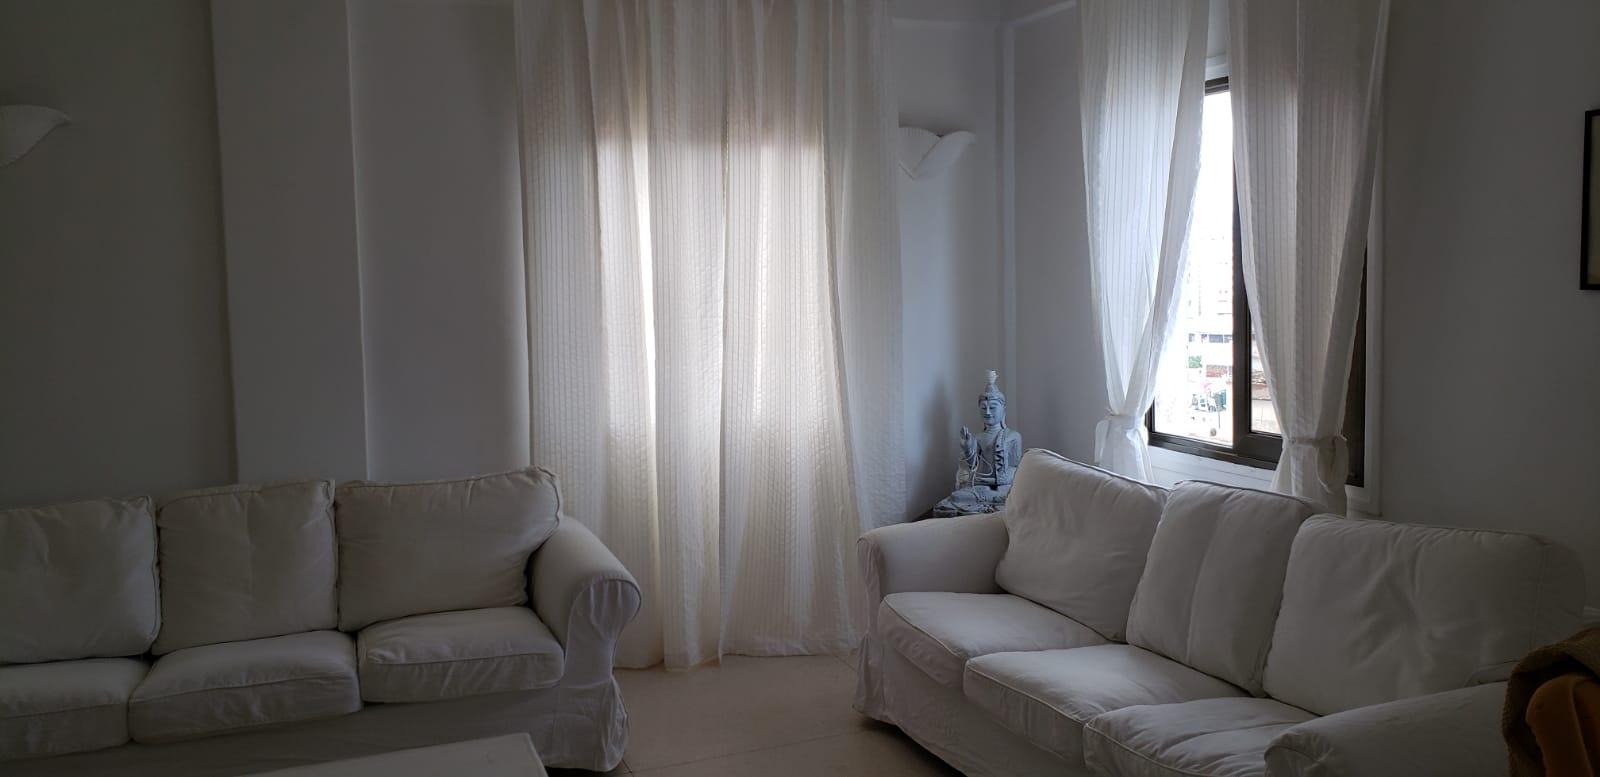 HEC1278: Apartamento de por $ 130.000 en Plaza de la Revolución, La Habana